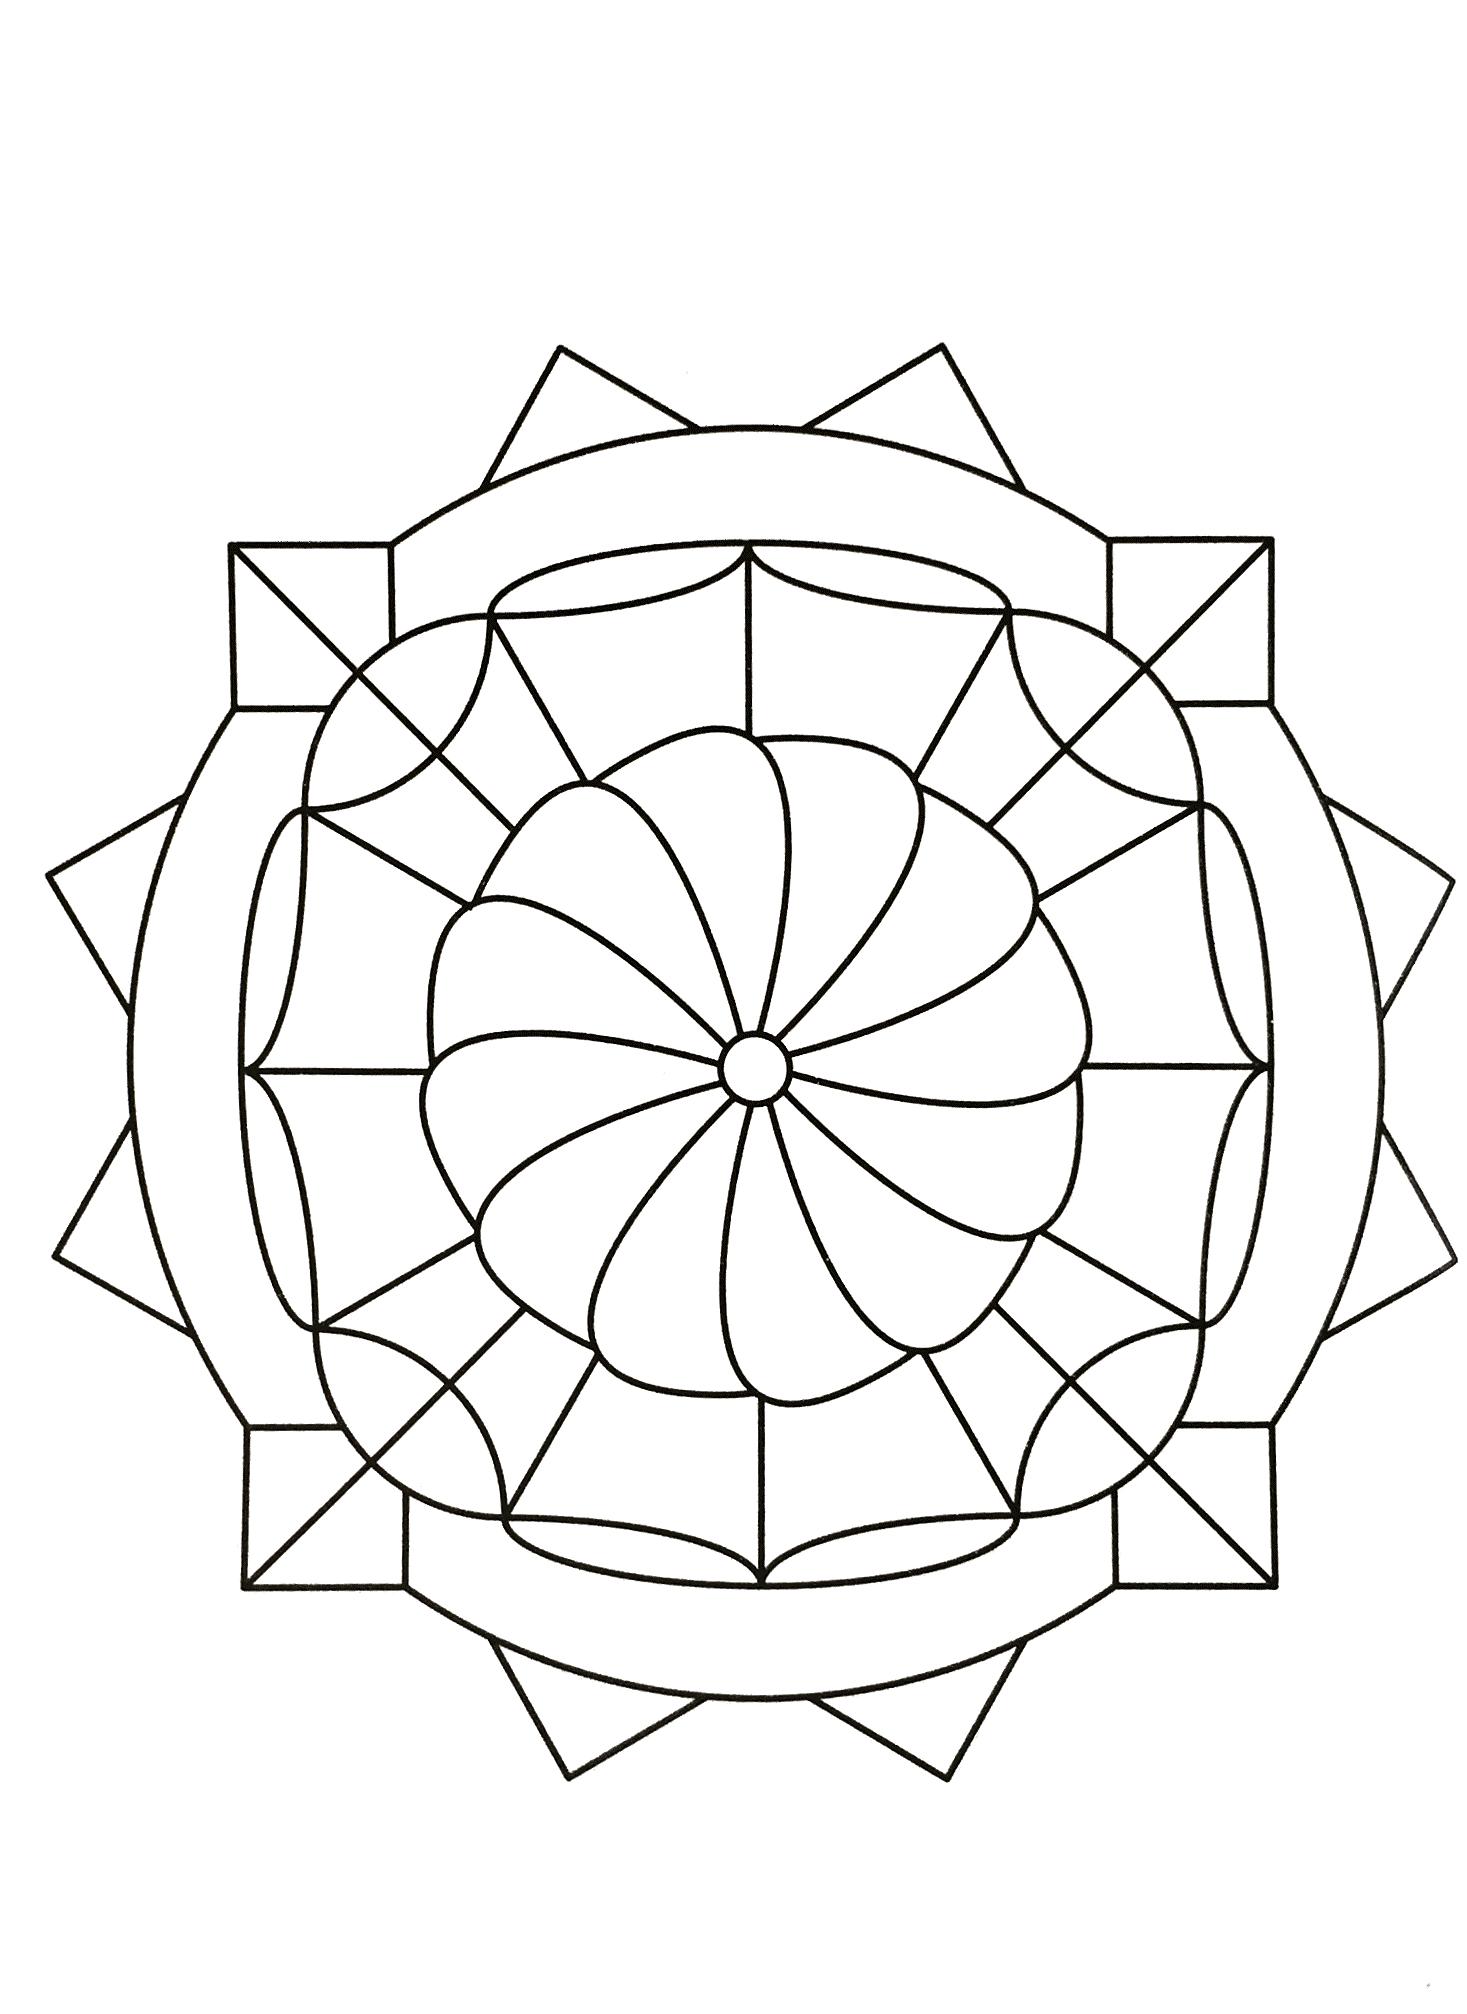 Mandalas A Imprimer Gratuit 52 - Mandalas De Difficulté intérieur Dessin Symétrique A Imprimer